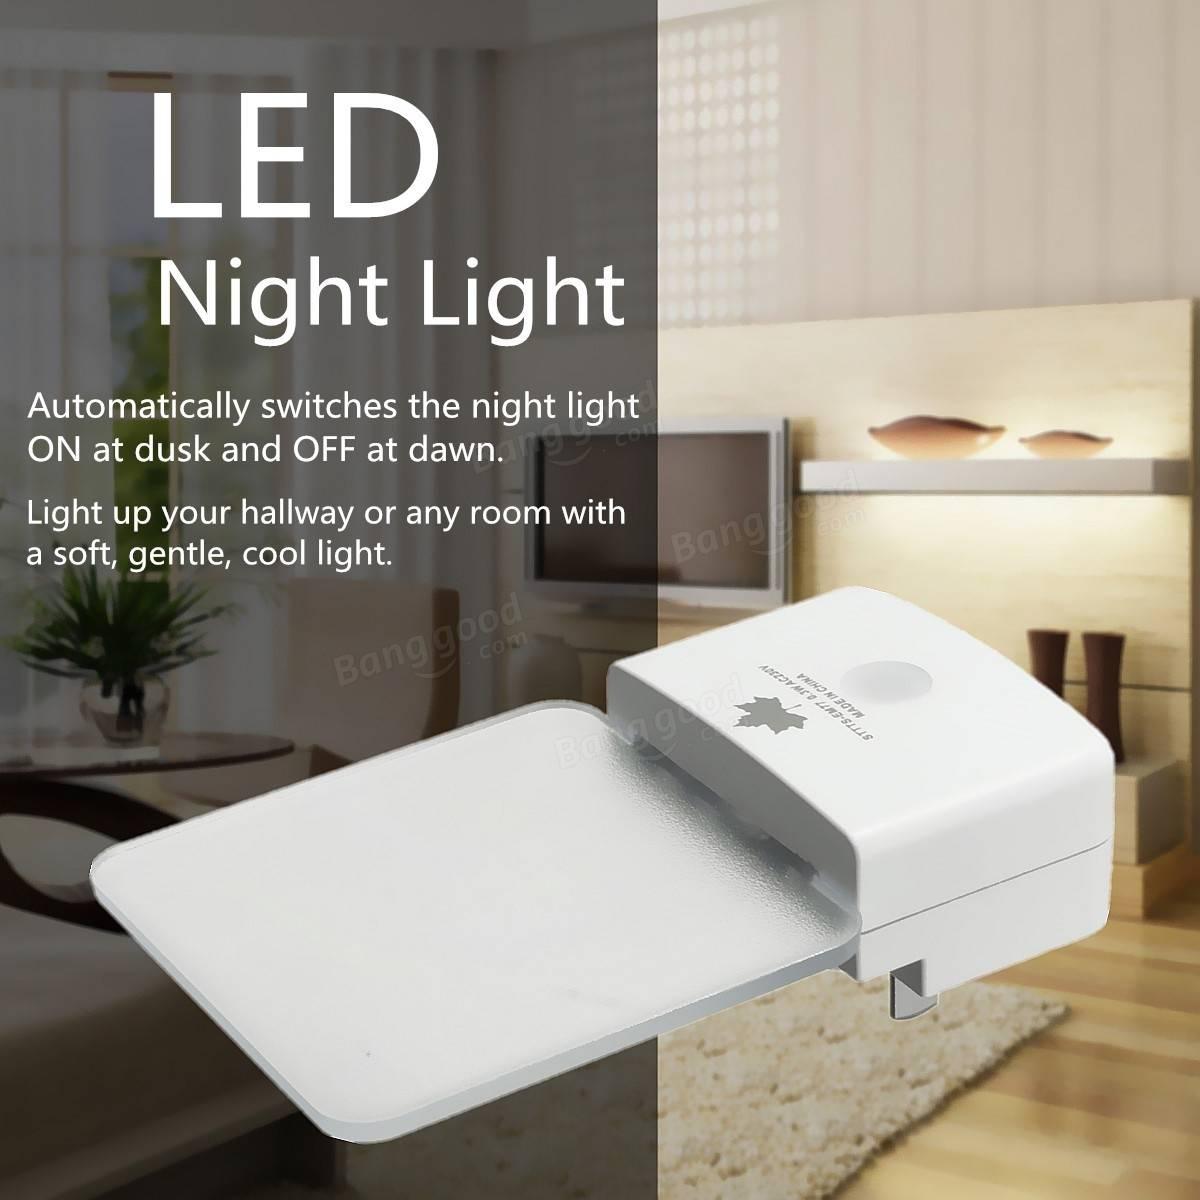 Automatic led energy saving night lamp - Ac220v 0 5w Led Night Light Plug In Socket Auto Sensor Energy Saving White